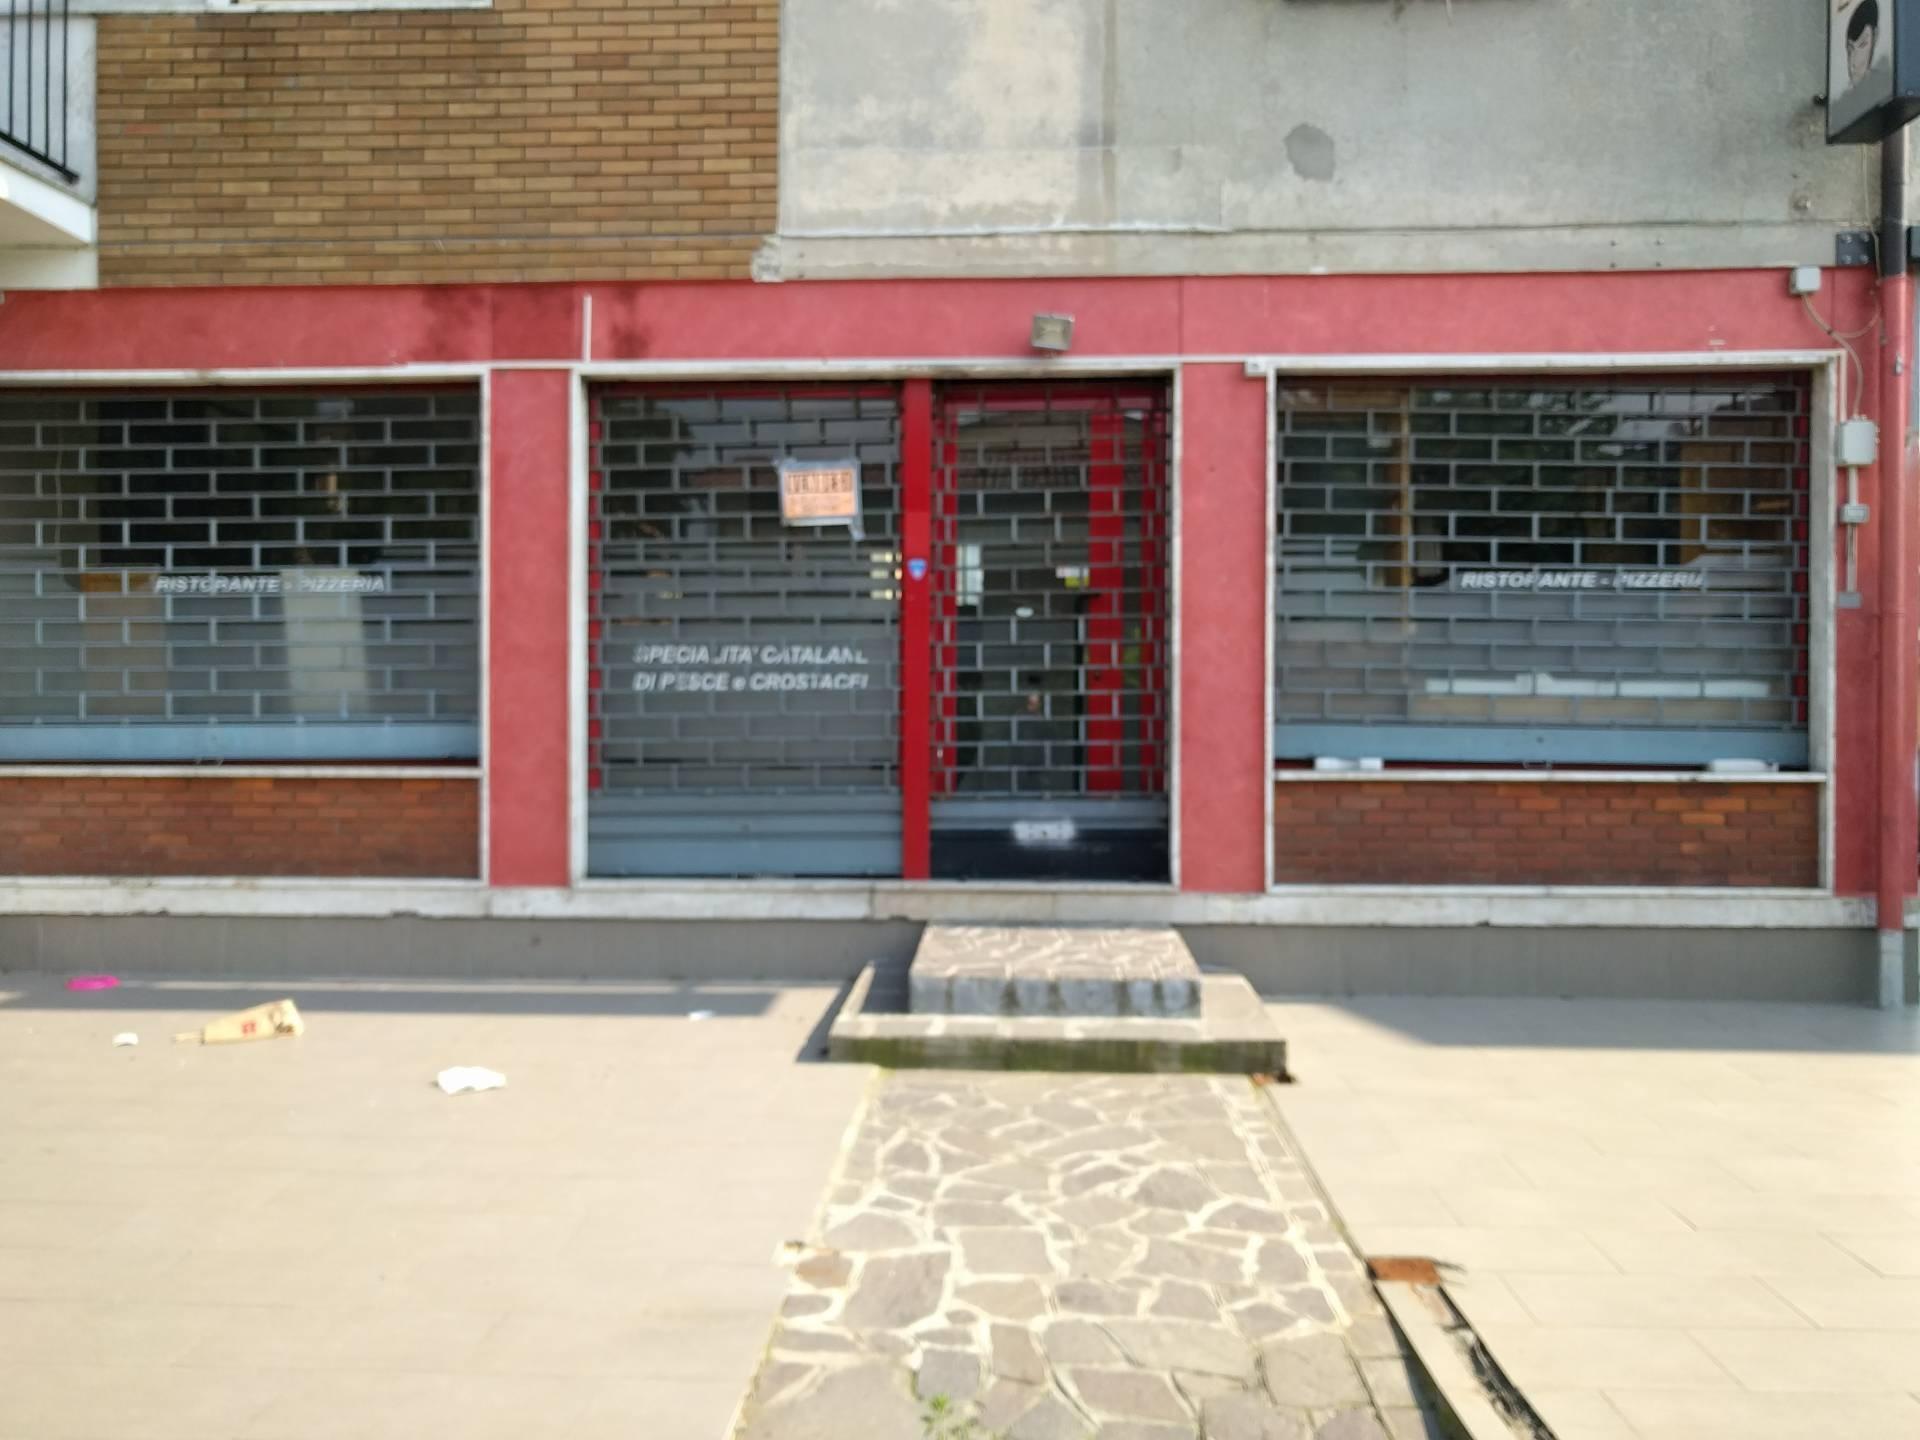 Negozio / Locale in vendita a Palazzolo sull'Oglio, 9999 locali, prezzo € 85.000 | PortaleAgenzieImmobiliari.it